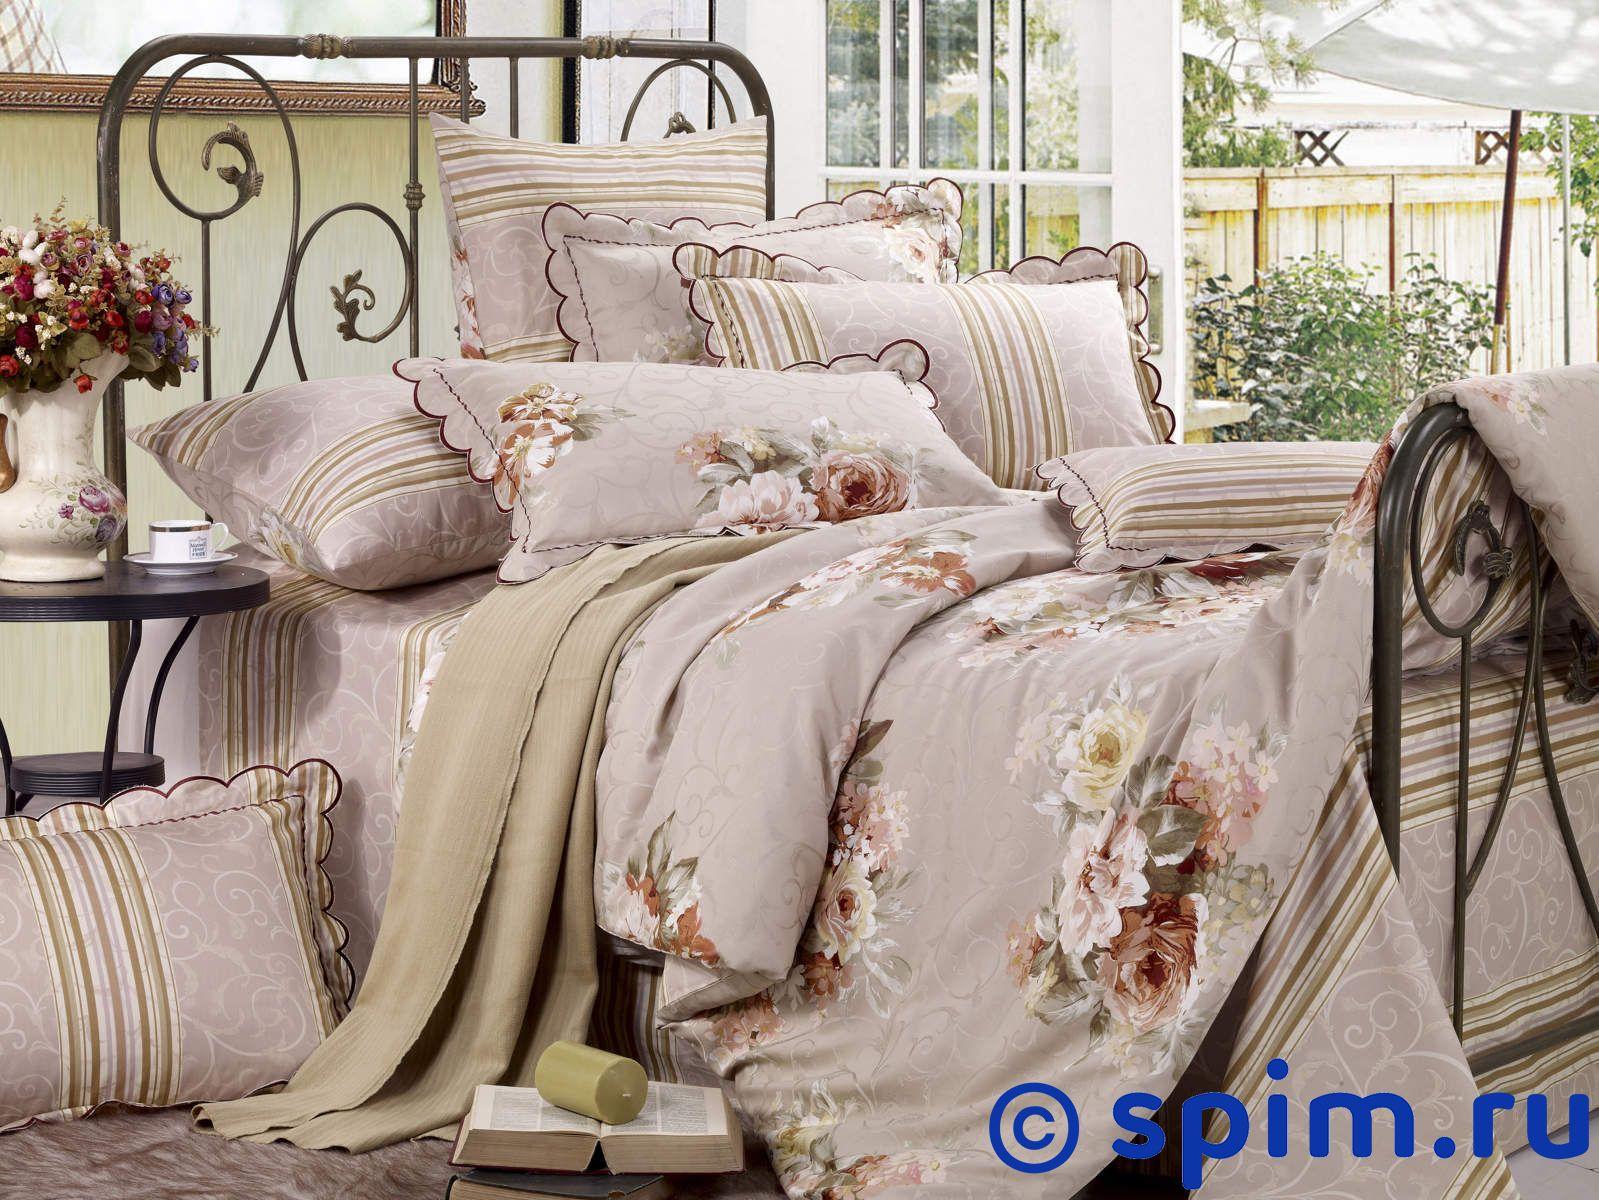 Постельное белье СайлиД Т22 Евро-стандарт